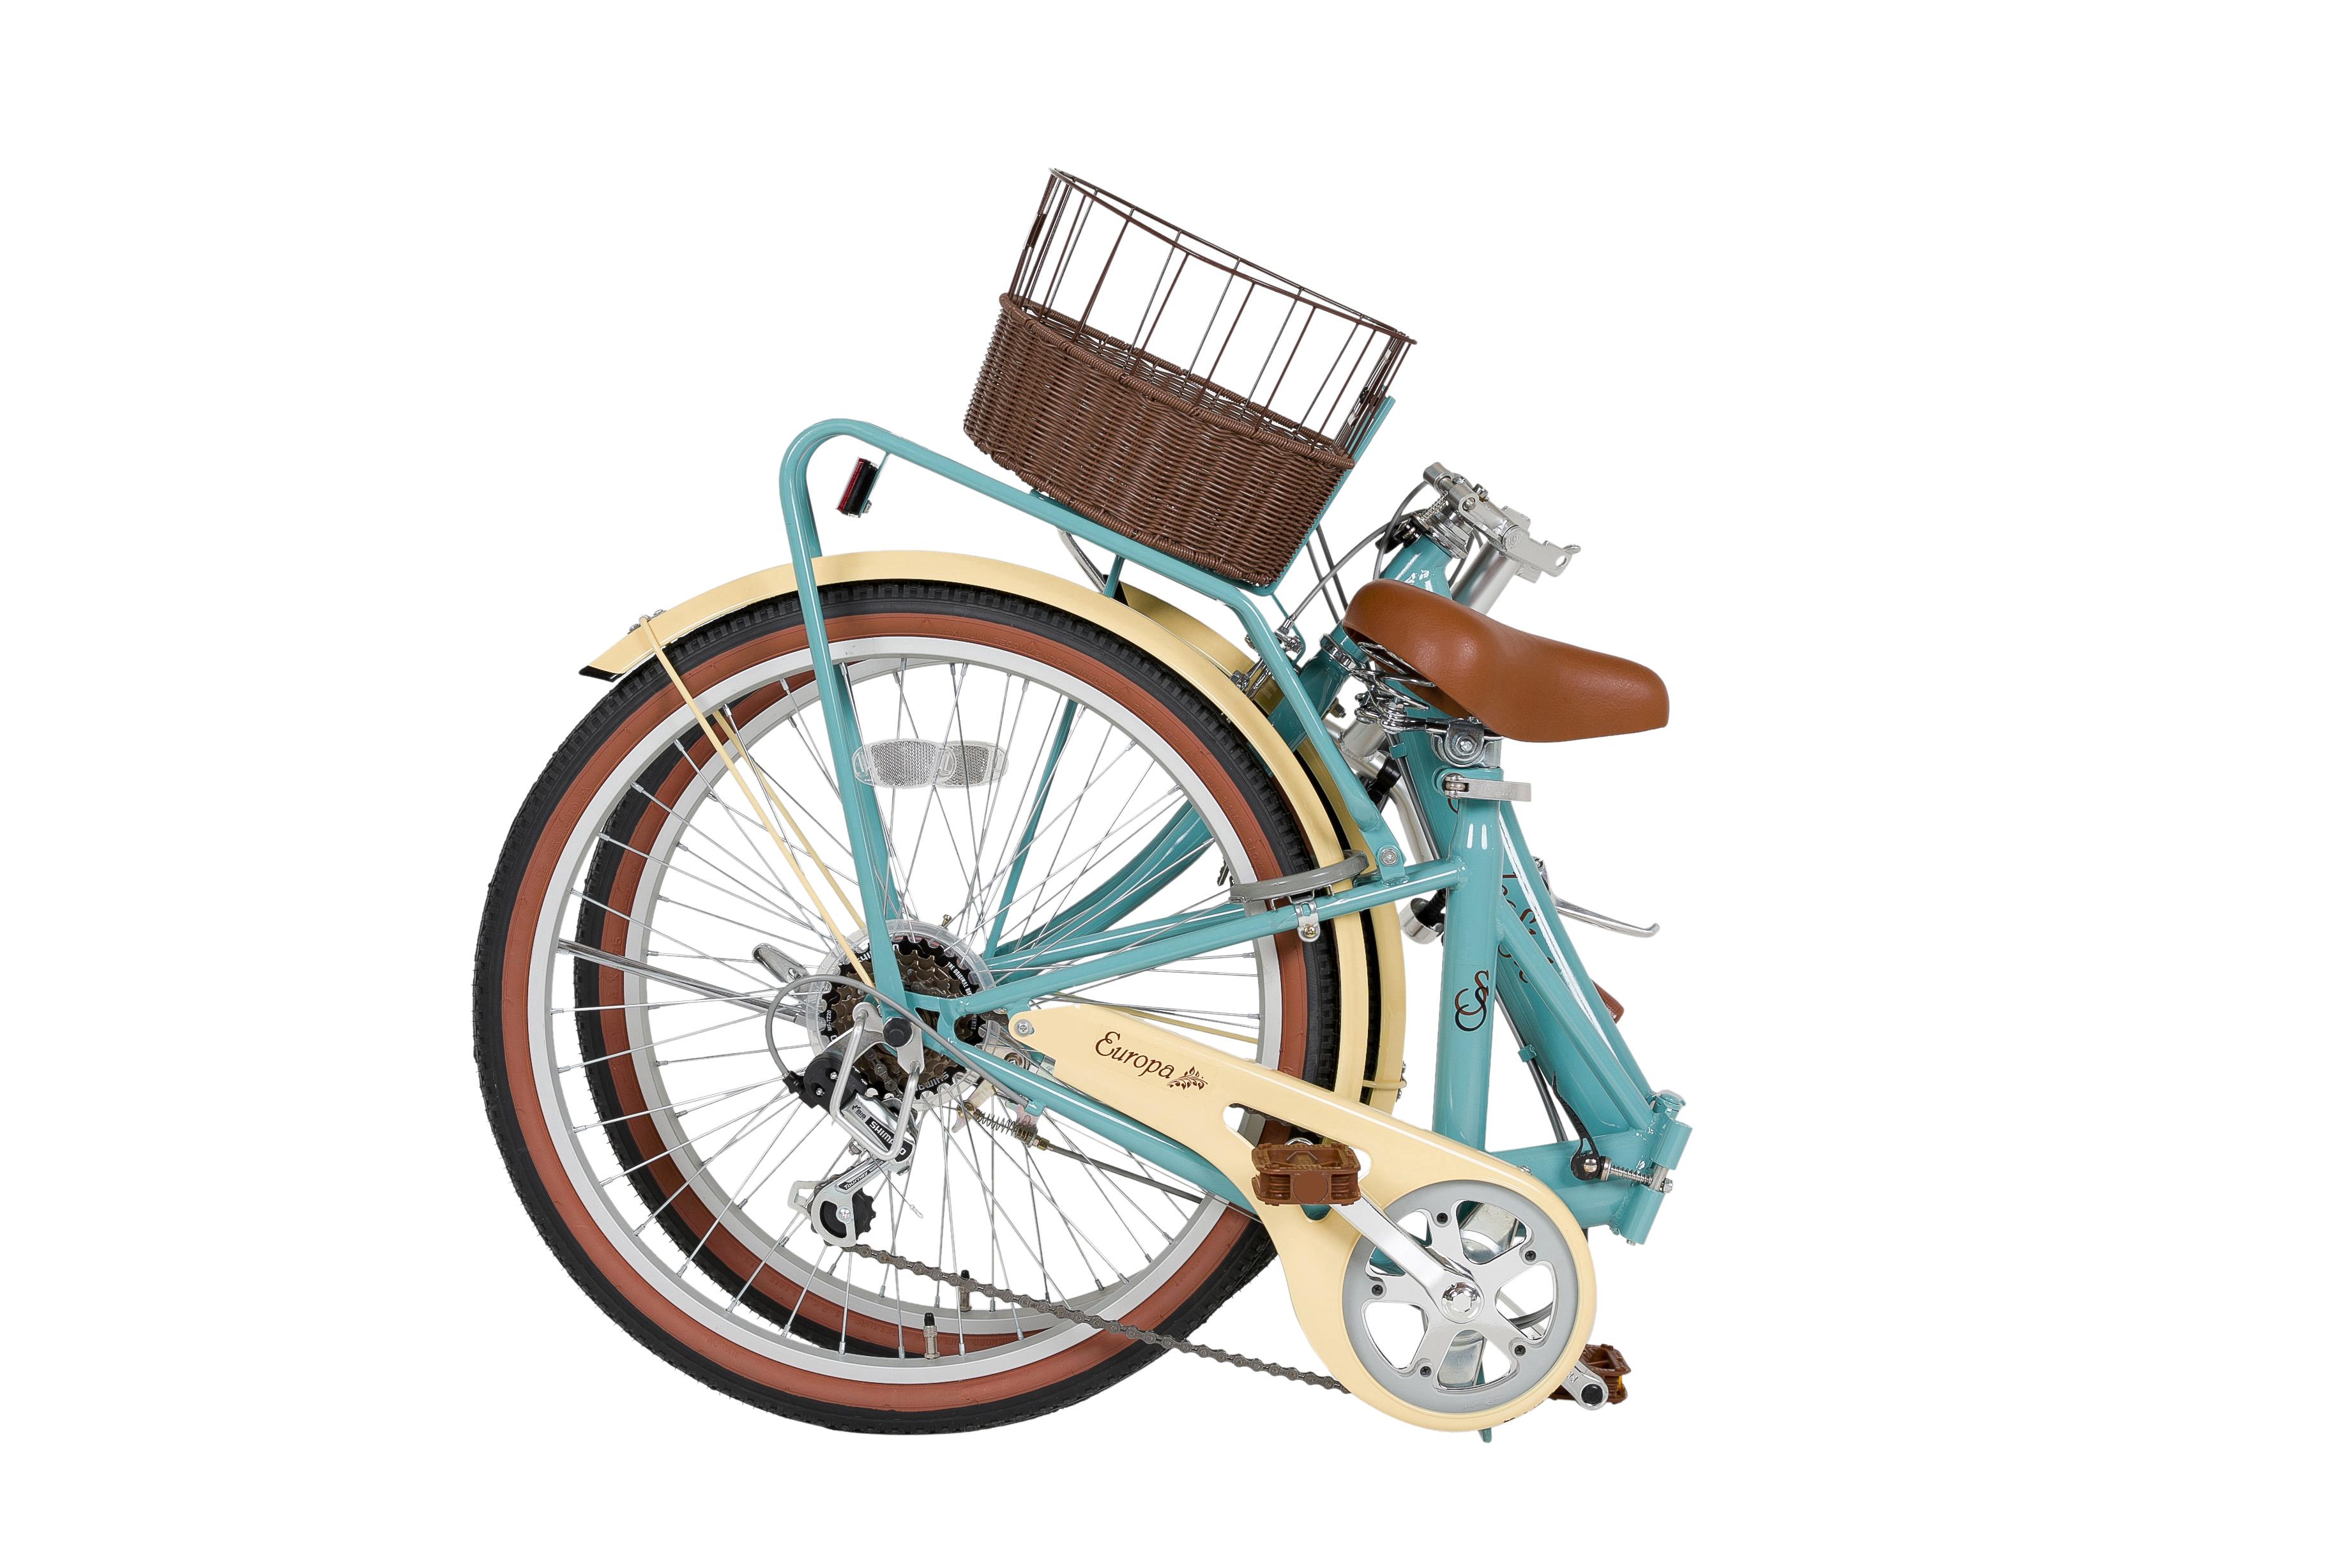 【KCD】24型低床フレーム折畳自転車 シンプルスタイル グレイブルー